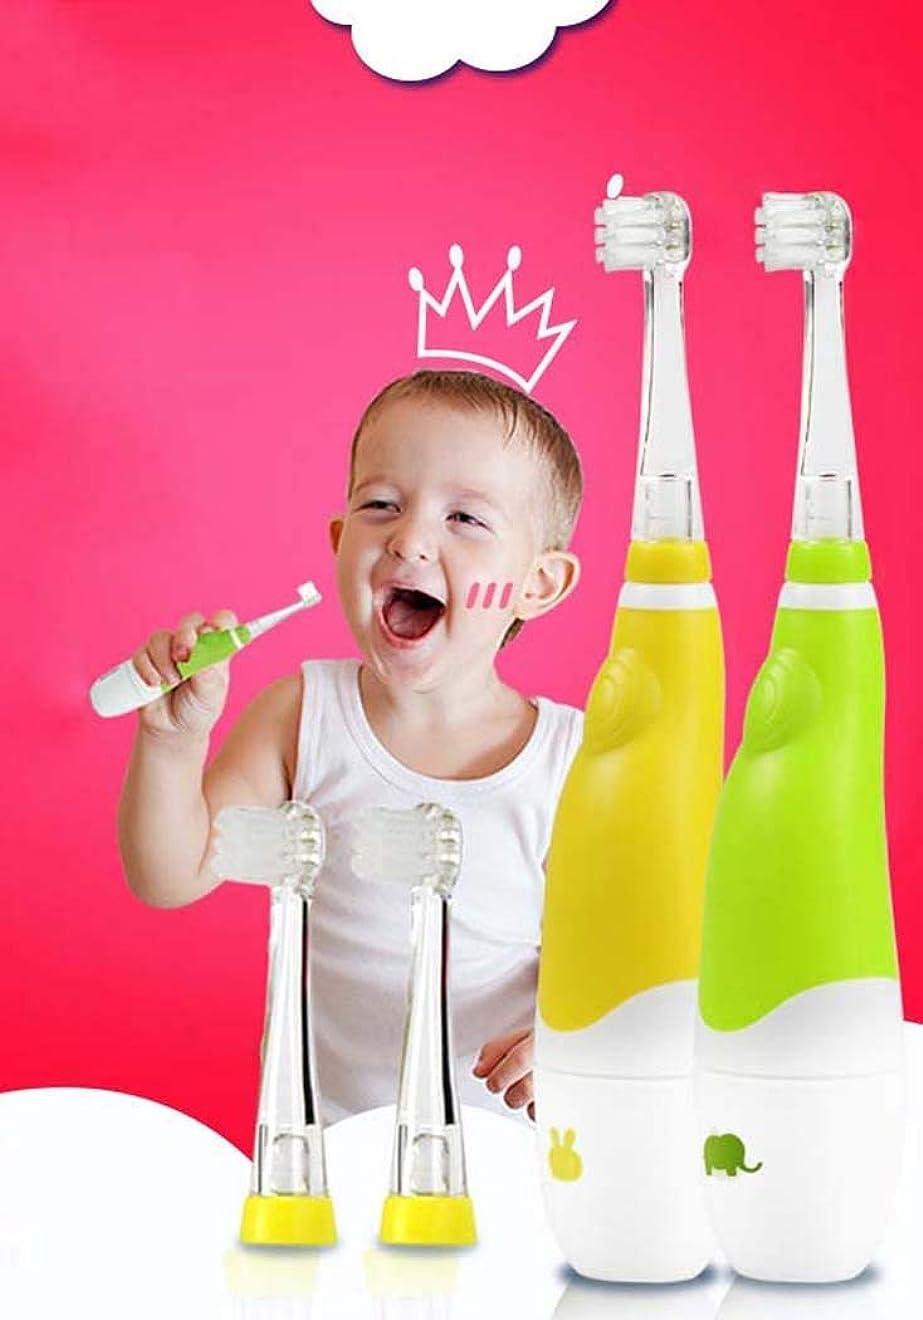 改修あえて提出する子供の電動歯ブラシ、赤ちゃんの自動歯ブラシ、スマートタイマー付きミュート防水電動歯ブラシ、0?4歳、乾電池(色:黄色)